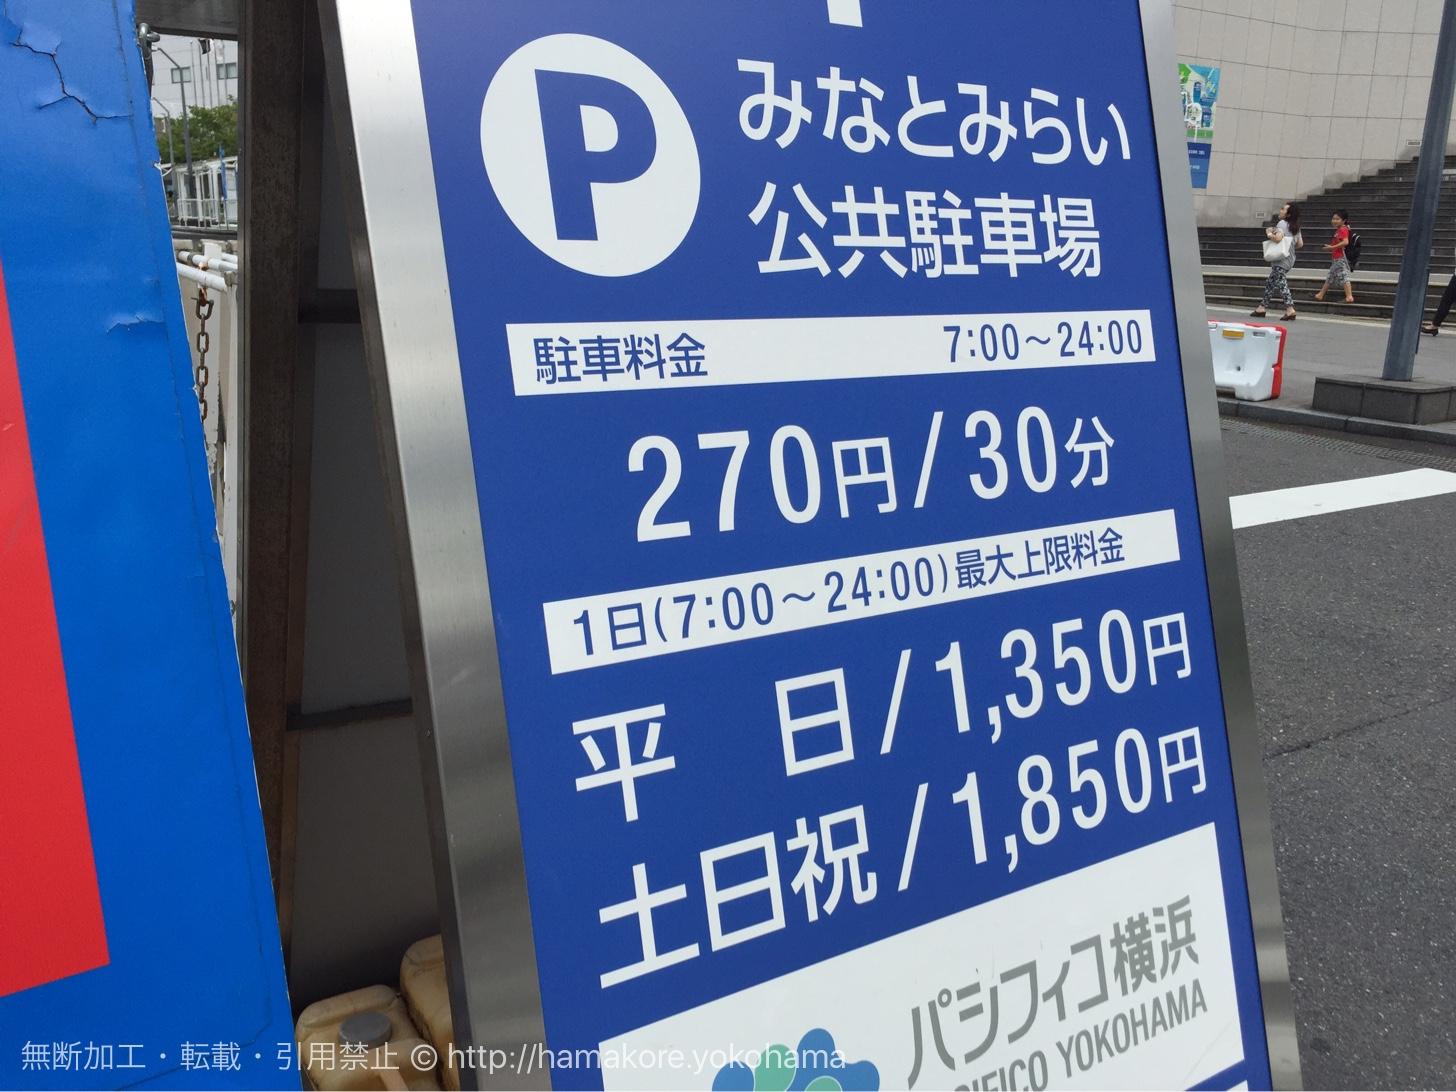 パシフィコ横浜駐車場